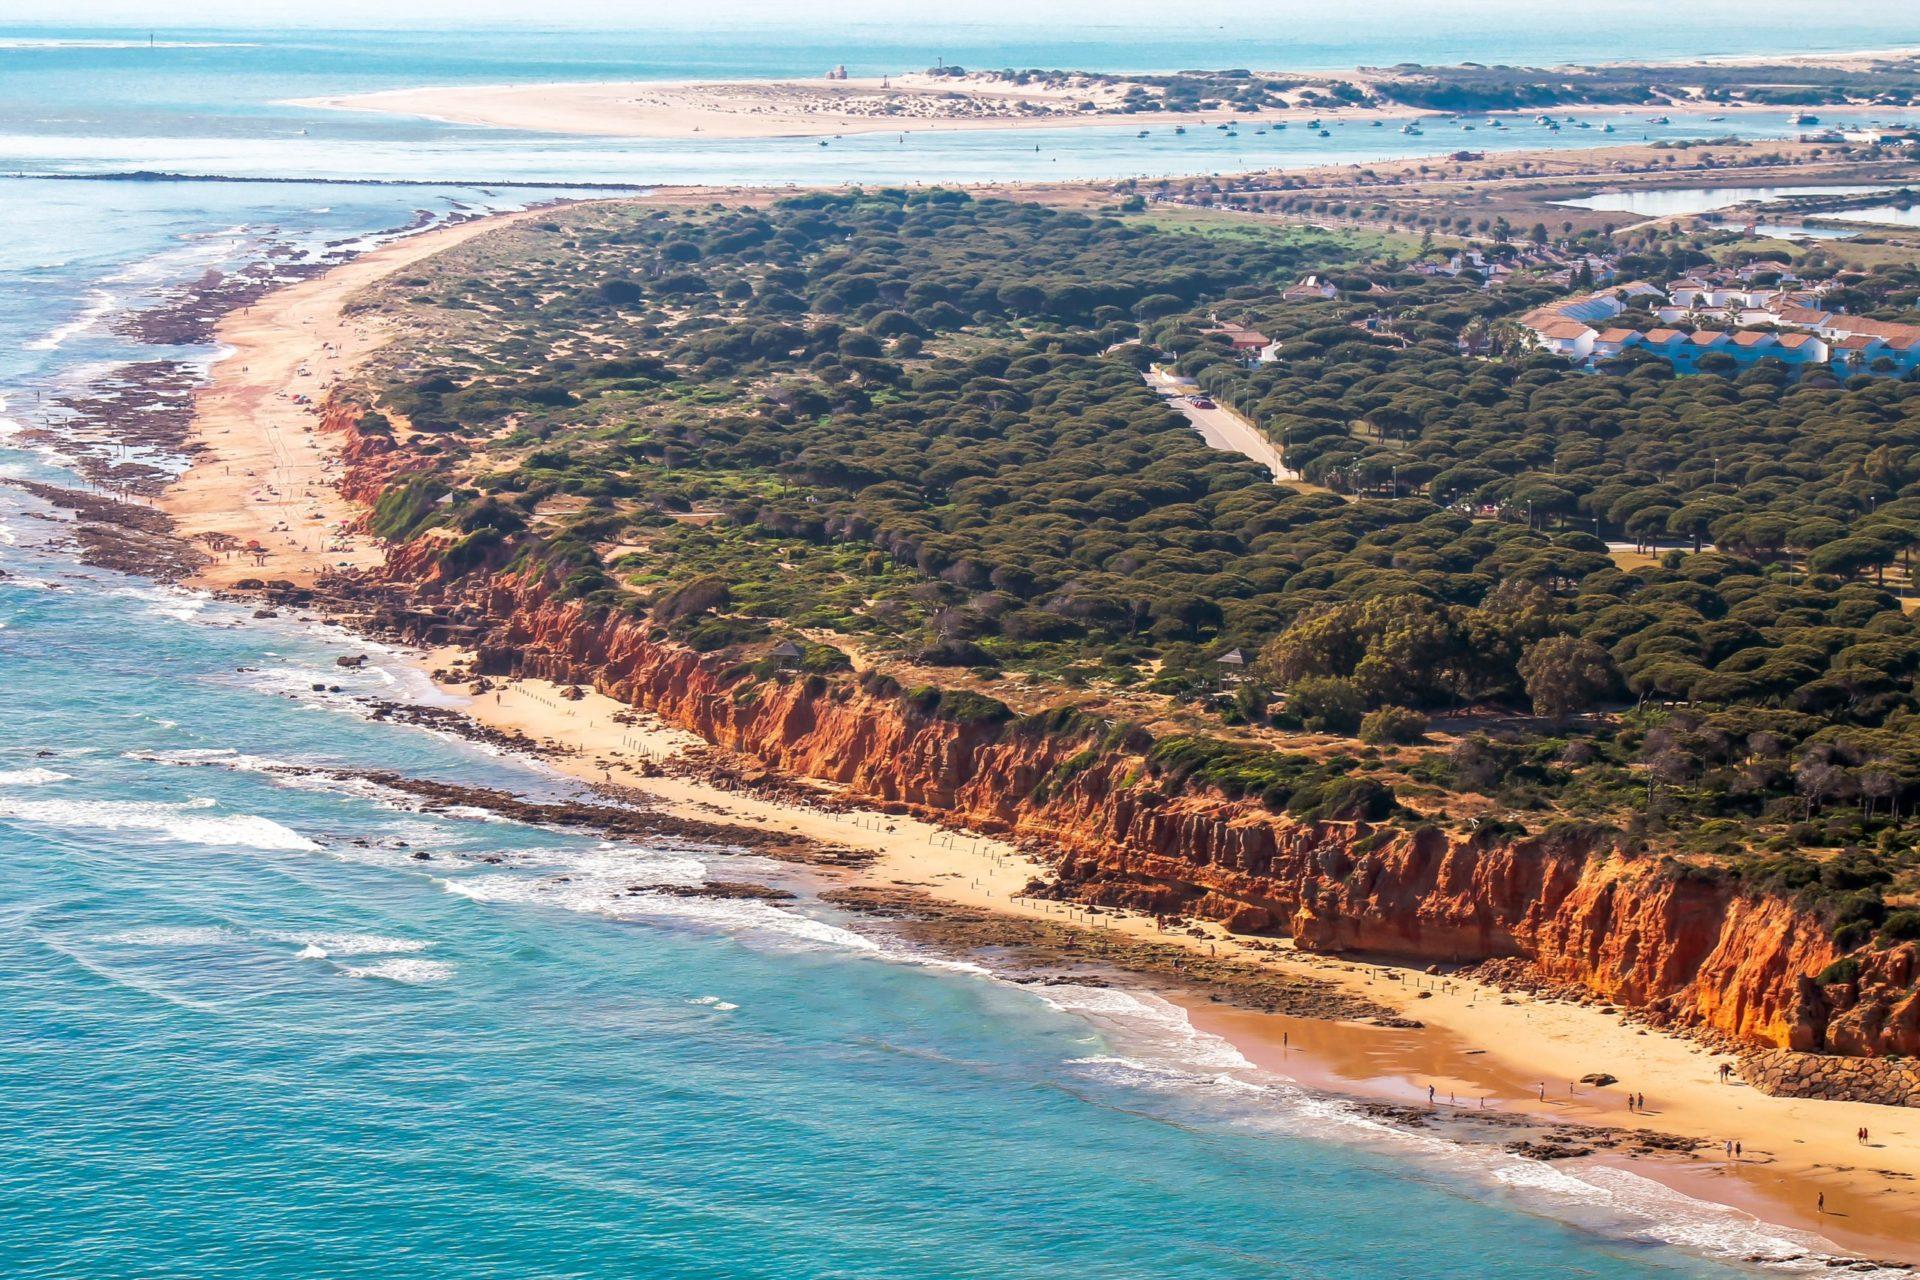 Wassertemperatur Cadiz: Strand mit rötlicher Steilküste Playa Santi Petri bei Chiclana de la Frontera an der Mündung des Caño de Sancti Petri aus der Luft